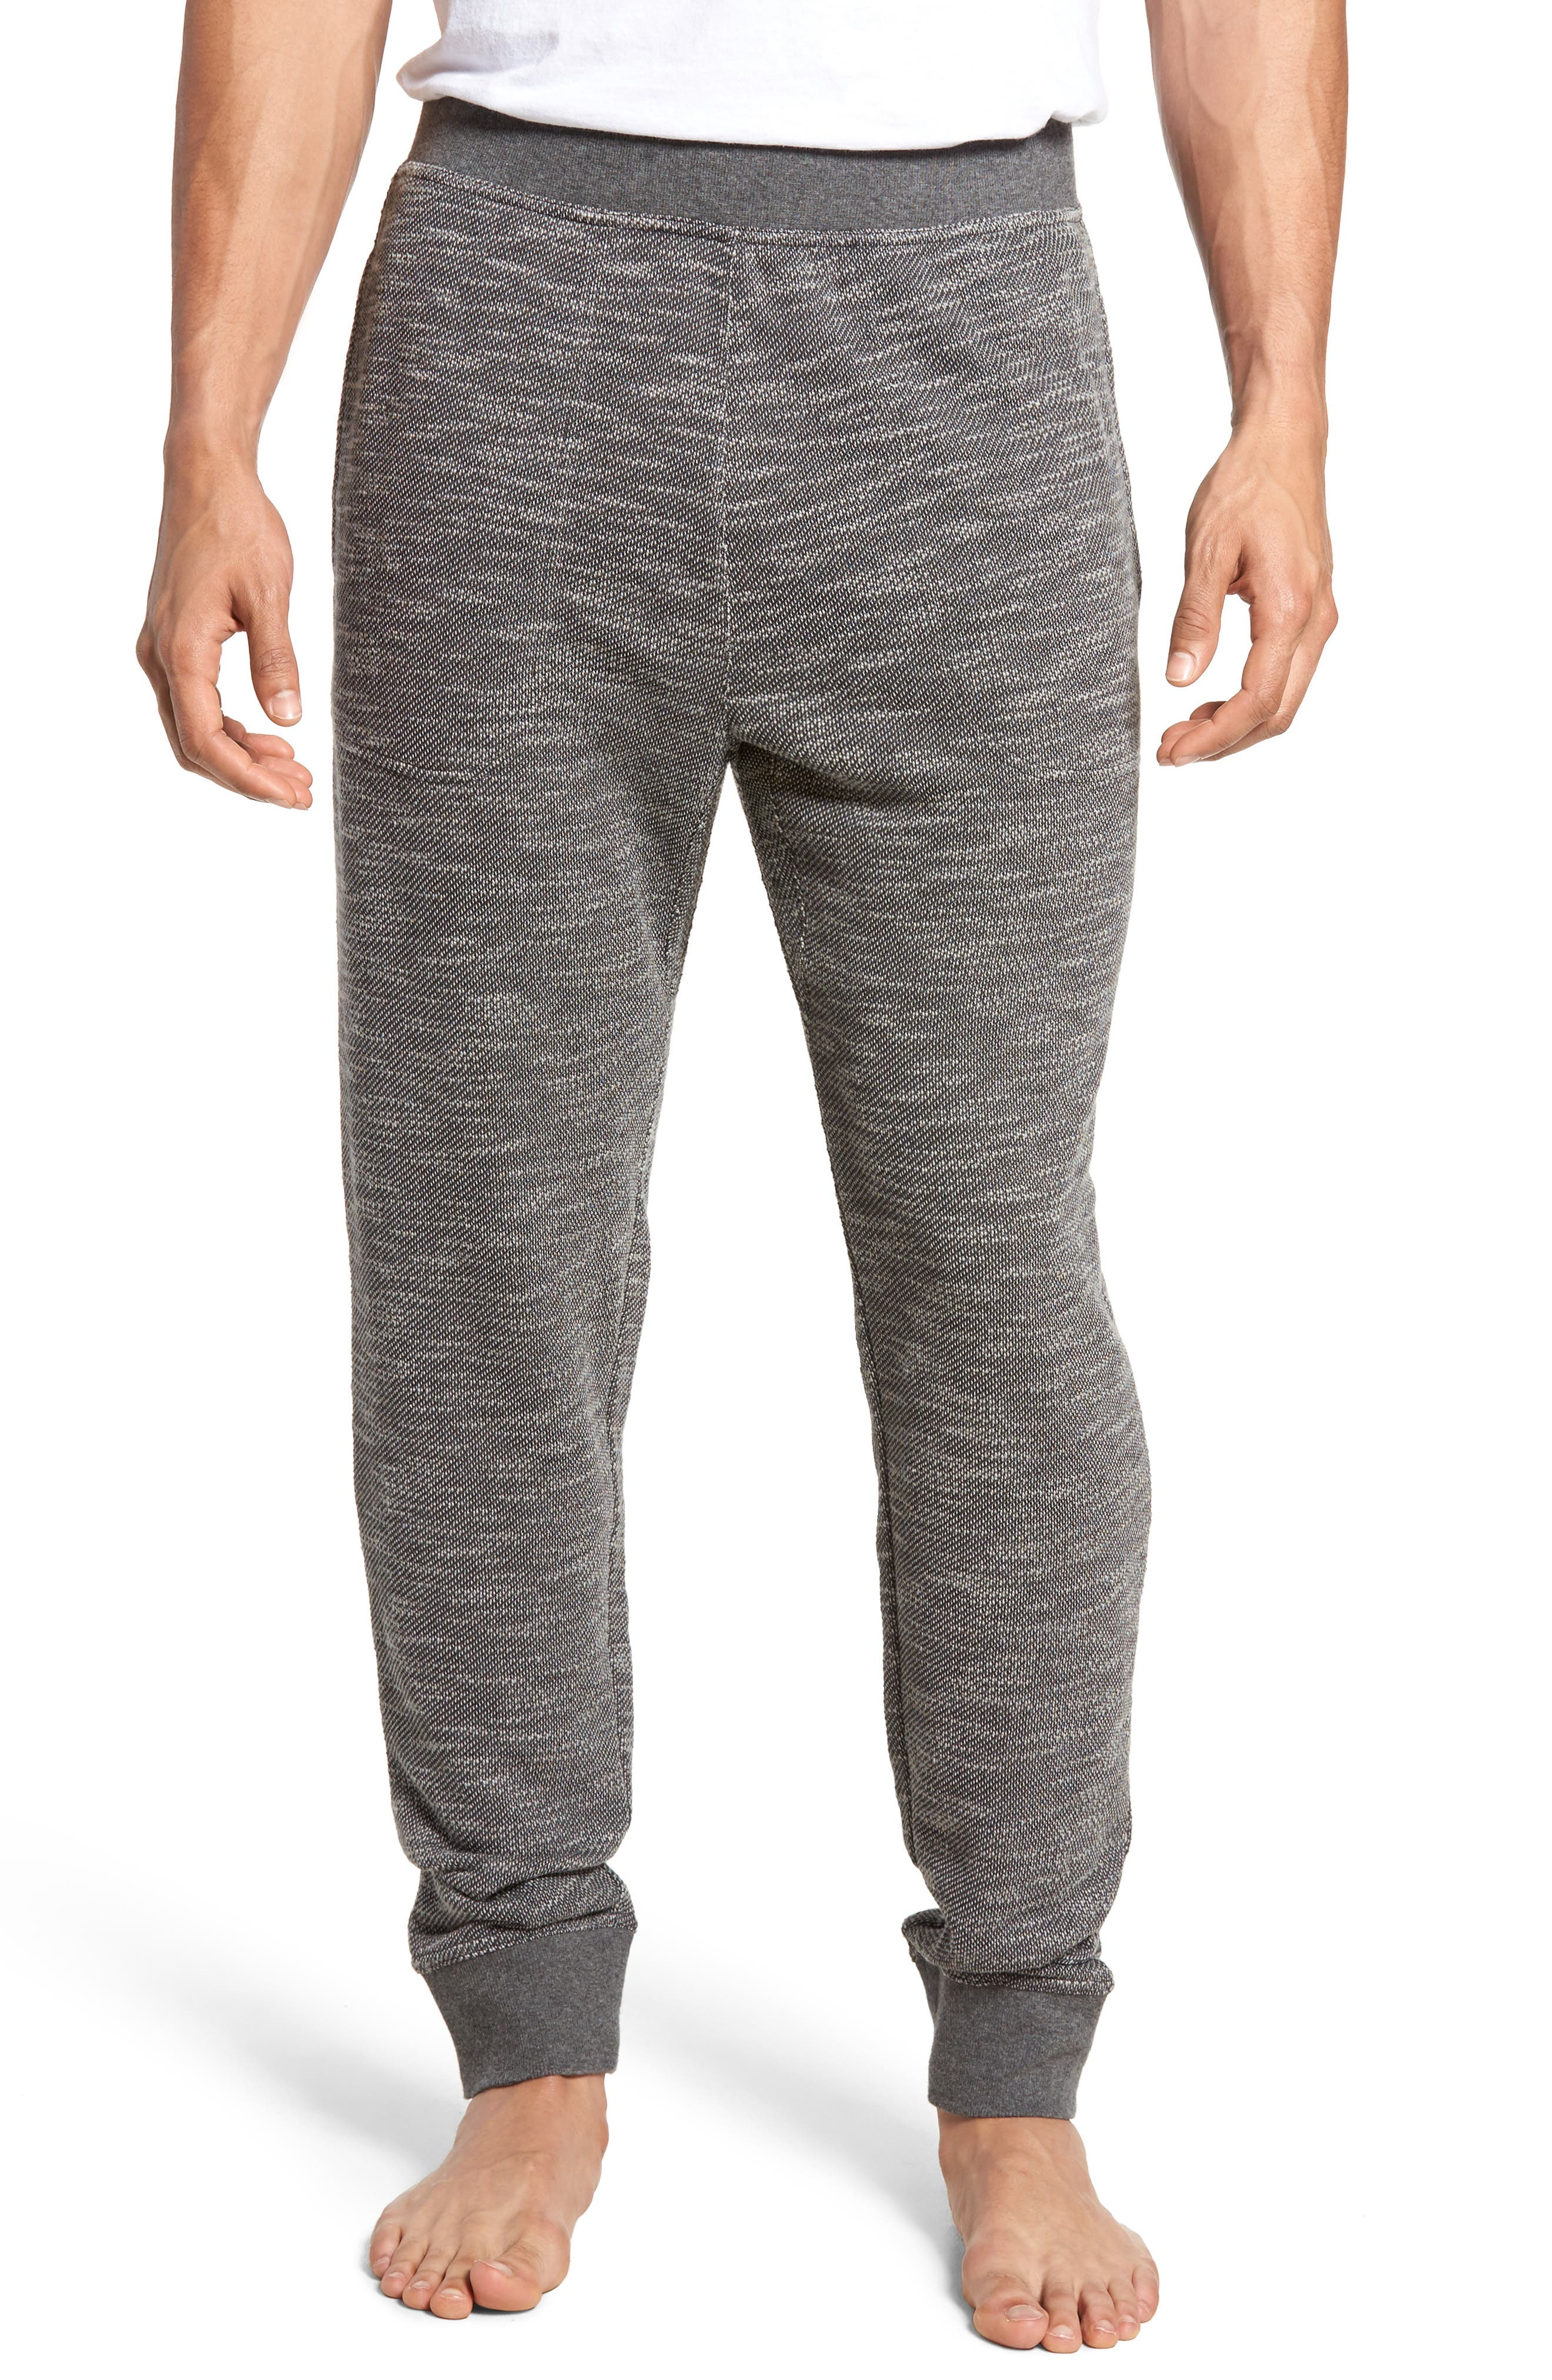 UGG Triston Jogger Pants